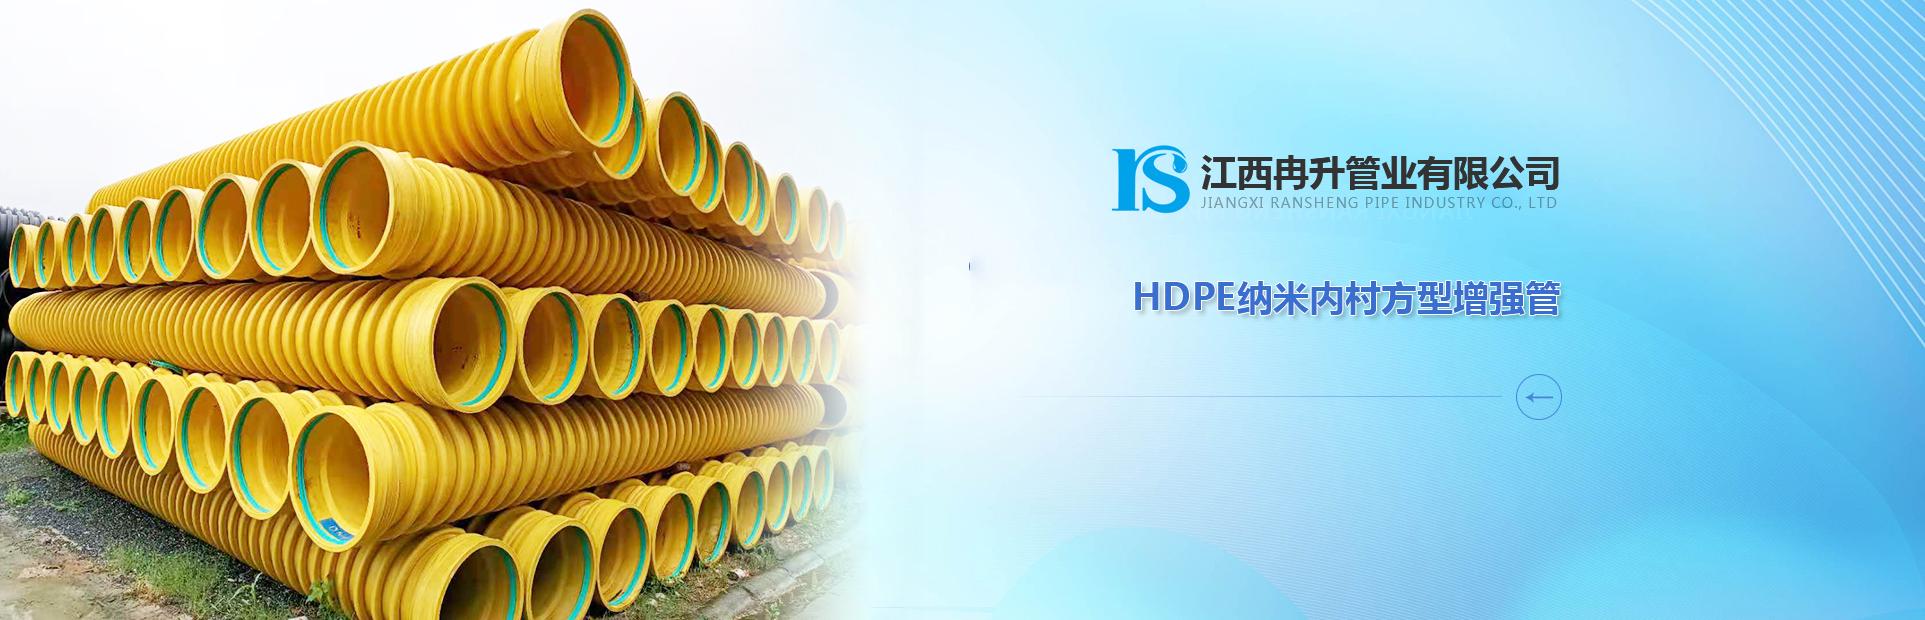 HDPE納米內村方型增強管